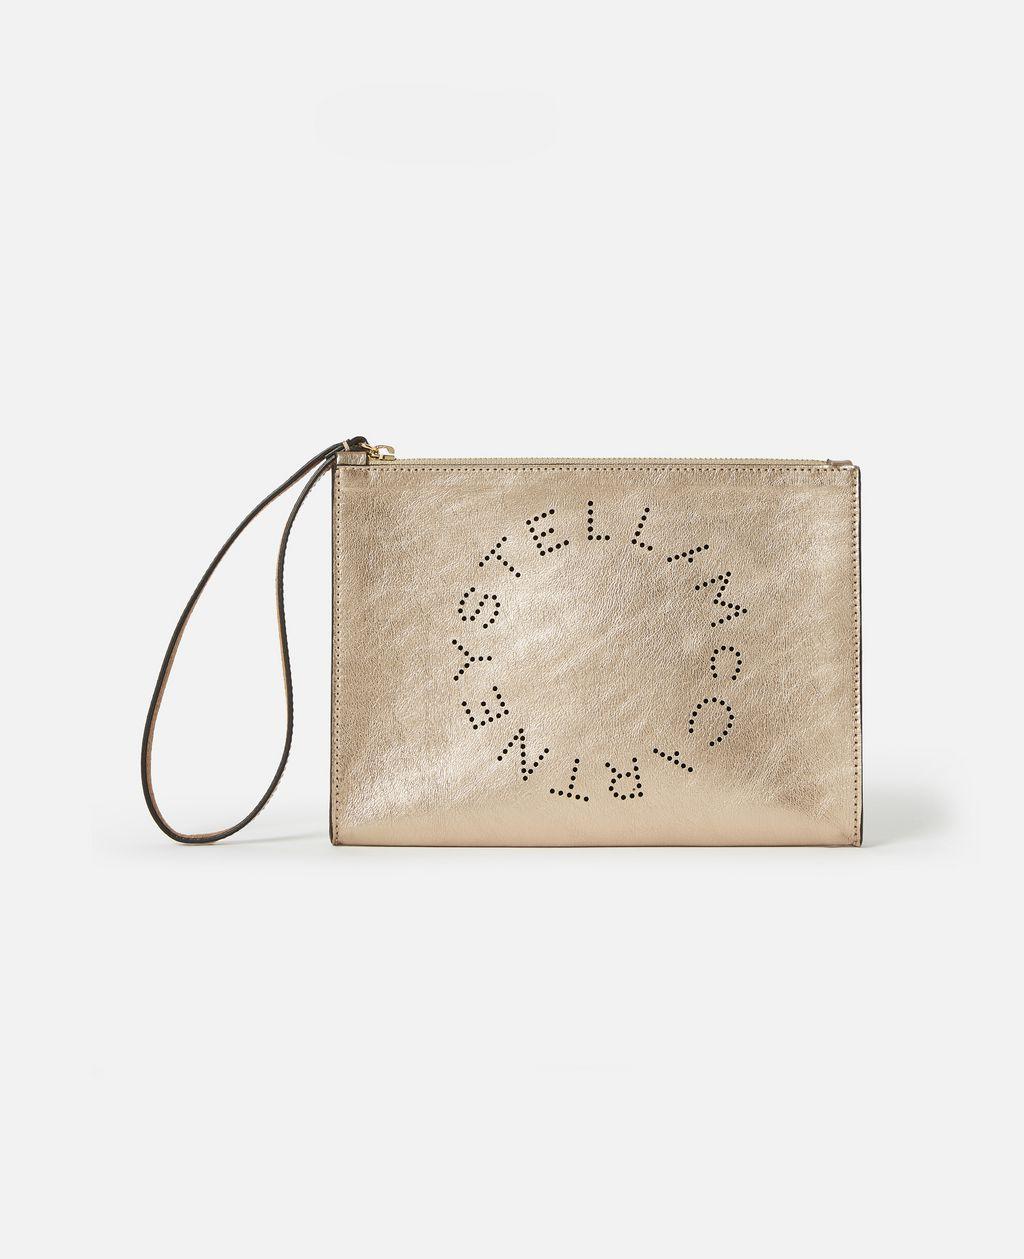 Stella Mccartney Wallets & Purses in Beige